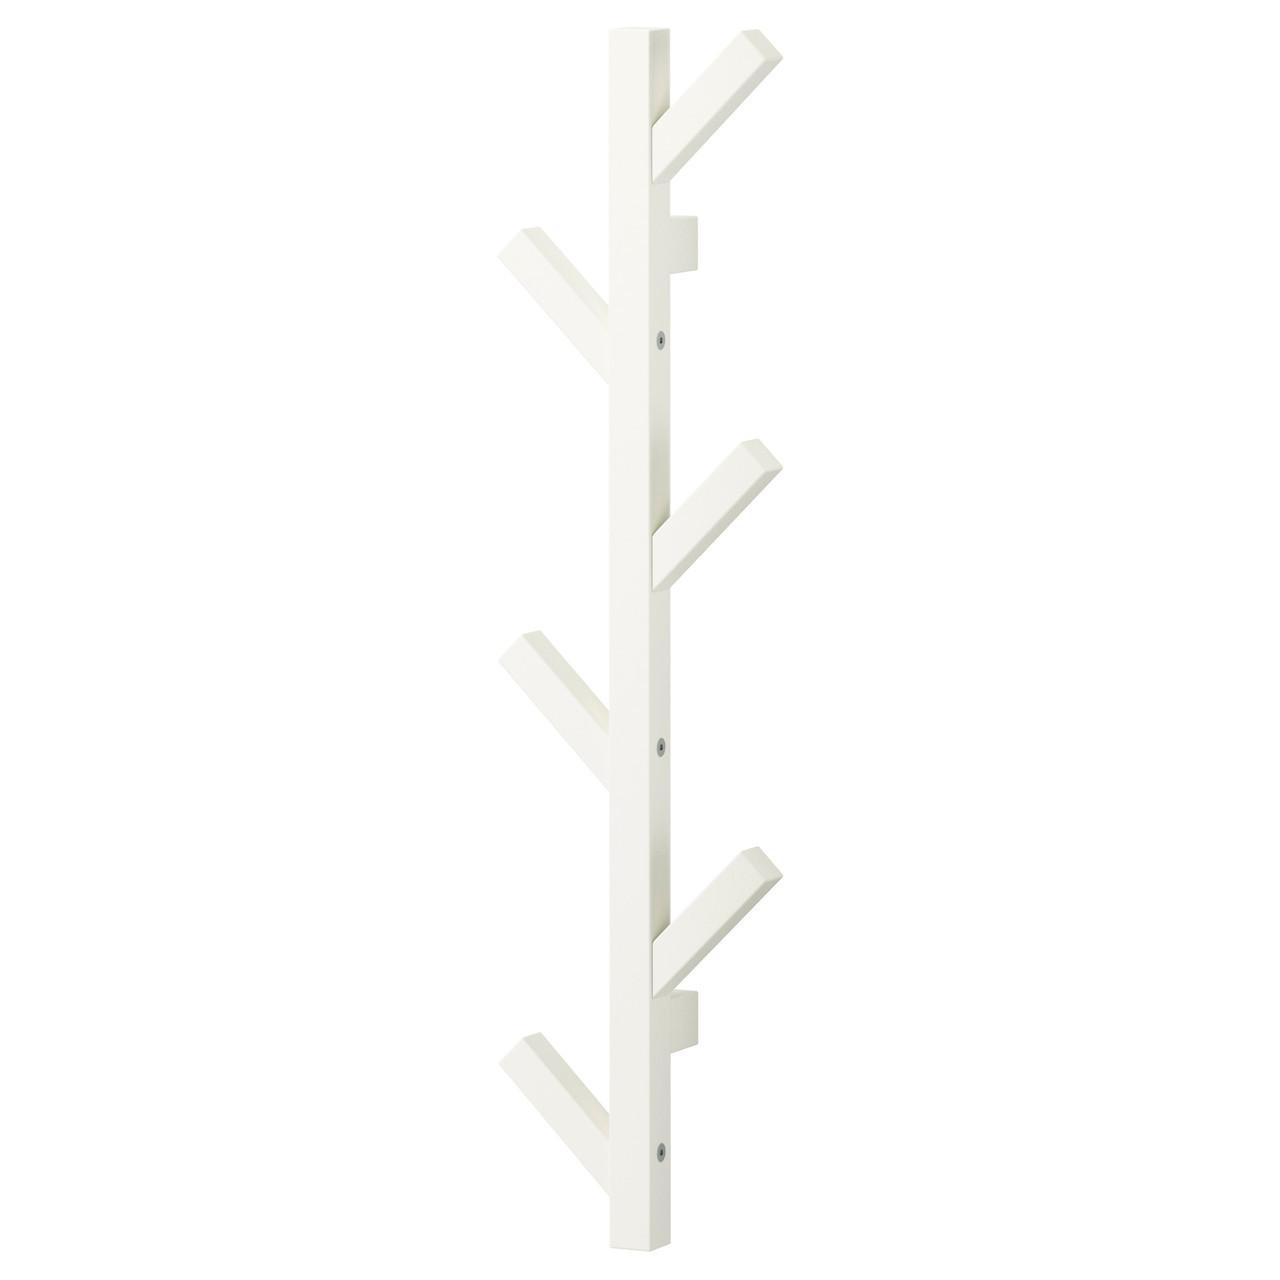 Вішалка для одягу ікеа TJUSIG, біла, IKEA, 602.917.08